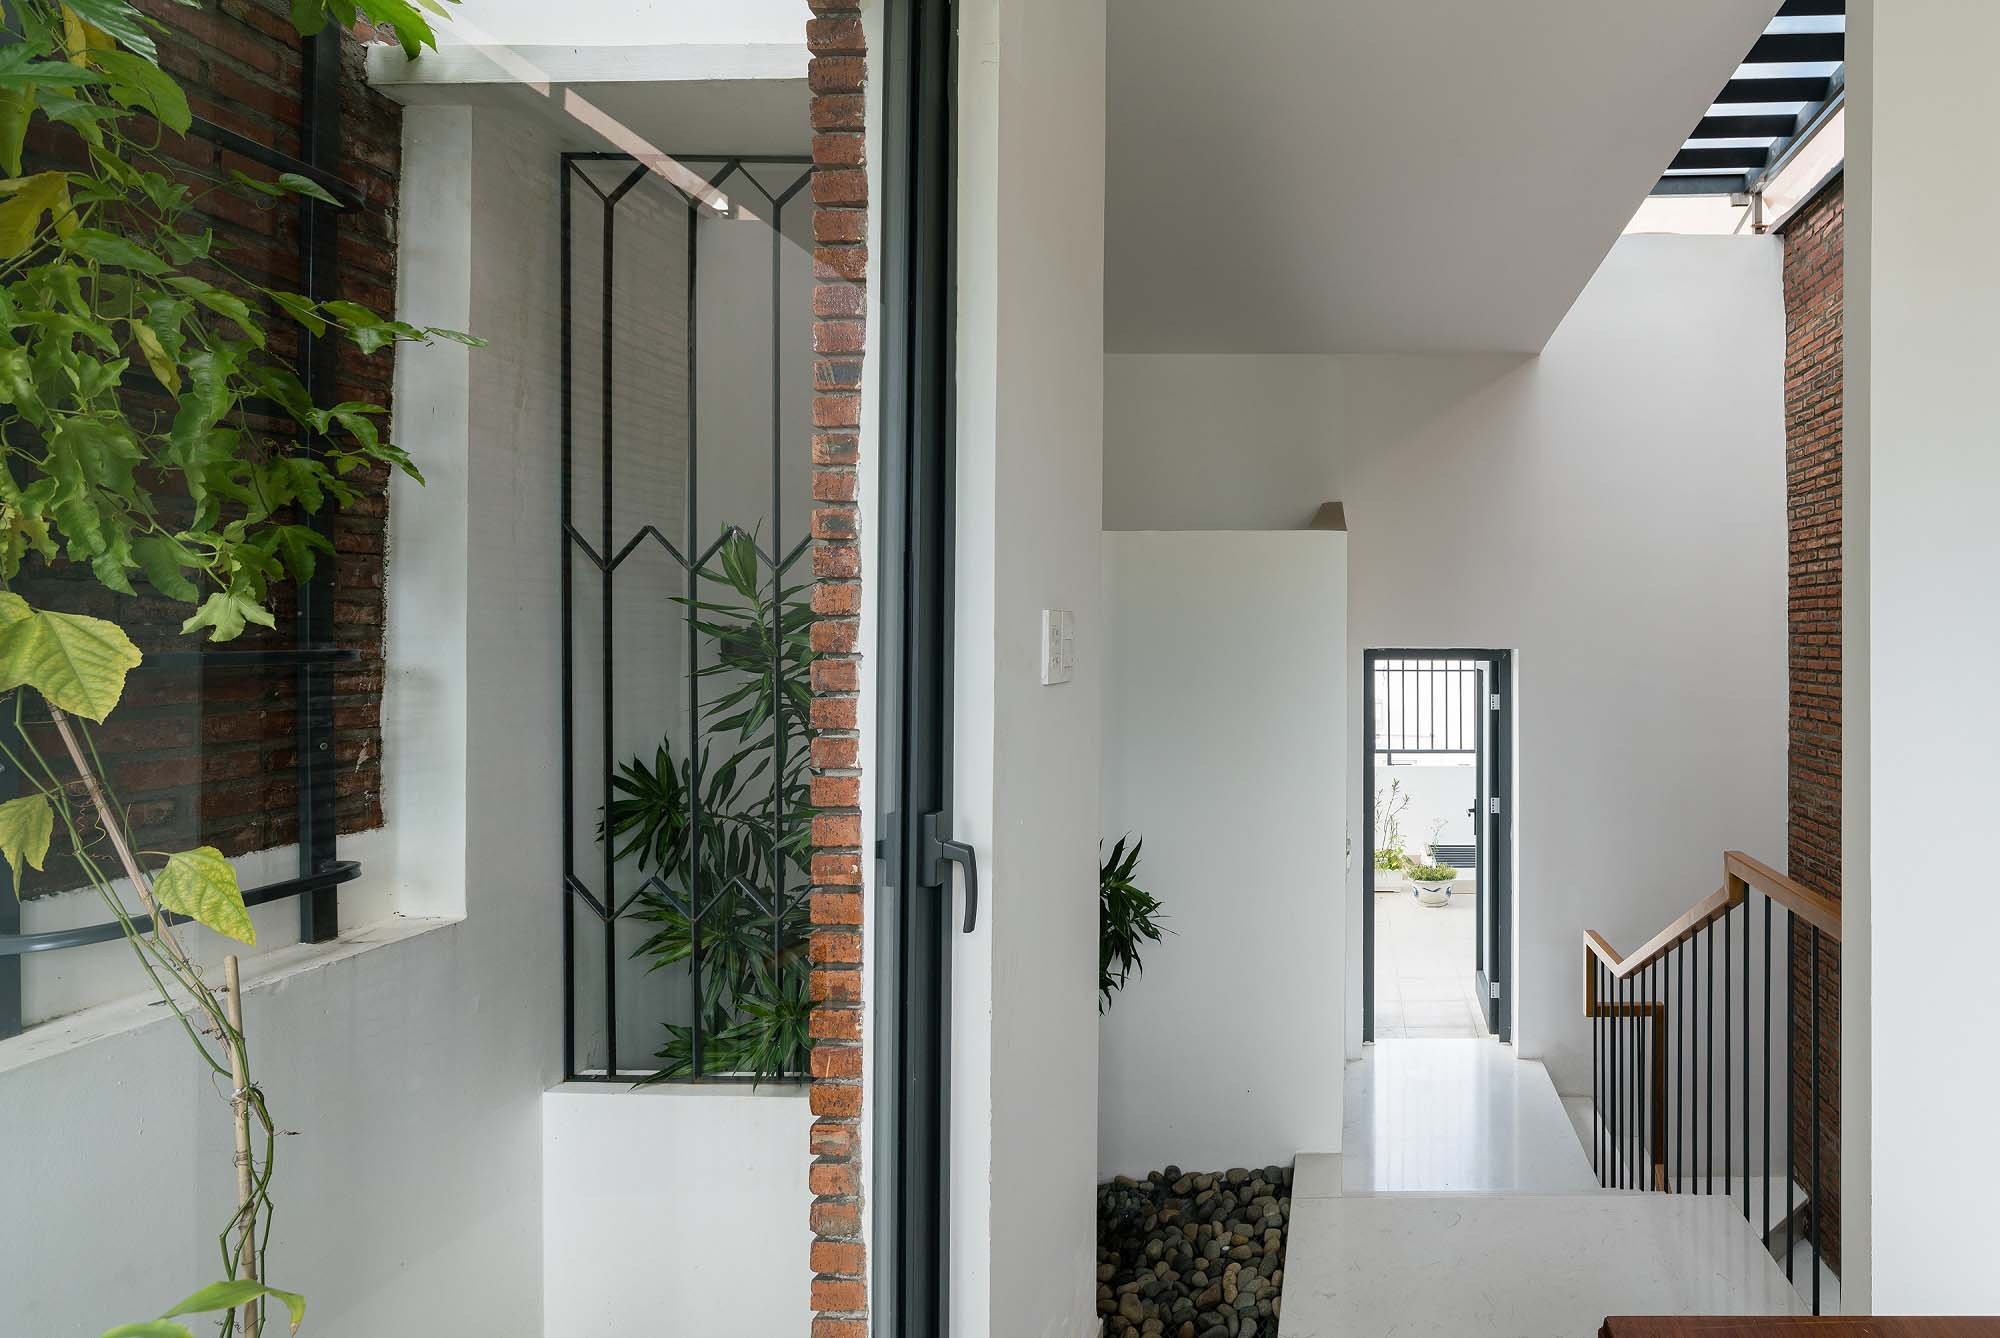 Nhờ chừa chỗ cho các khoảng trống, căn nhà thông thoáng và đủ sáng dù nằm trong con hẻm chỉ rộng 1,2 mét.